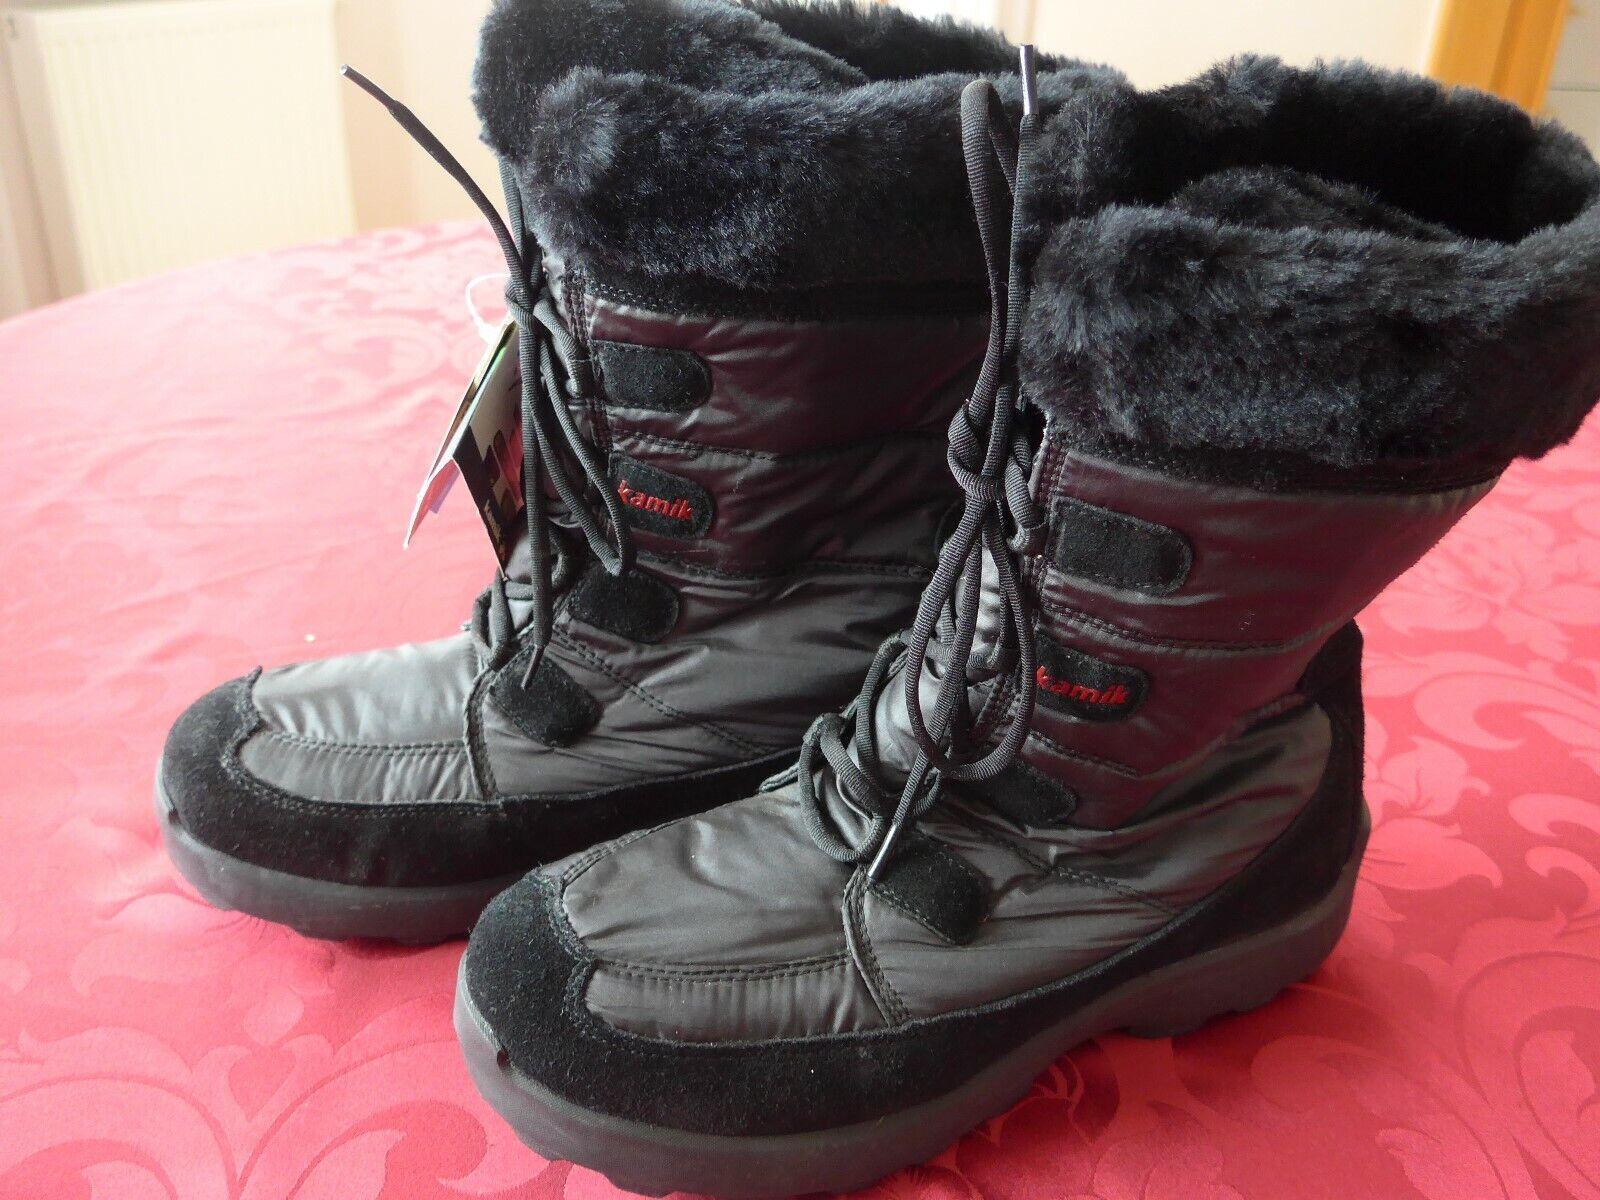 Hochwertige Kamik Damen Winterstiefel Schneestiel Snow Stiefel Gr 42 43